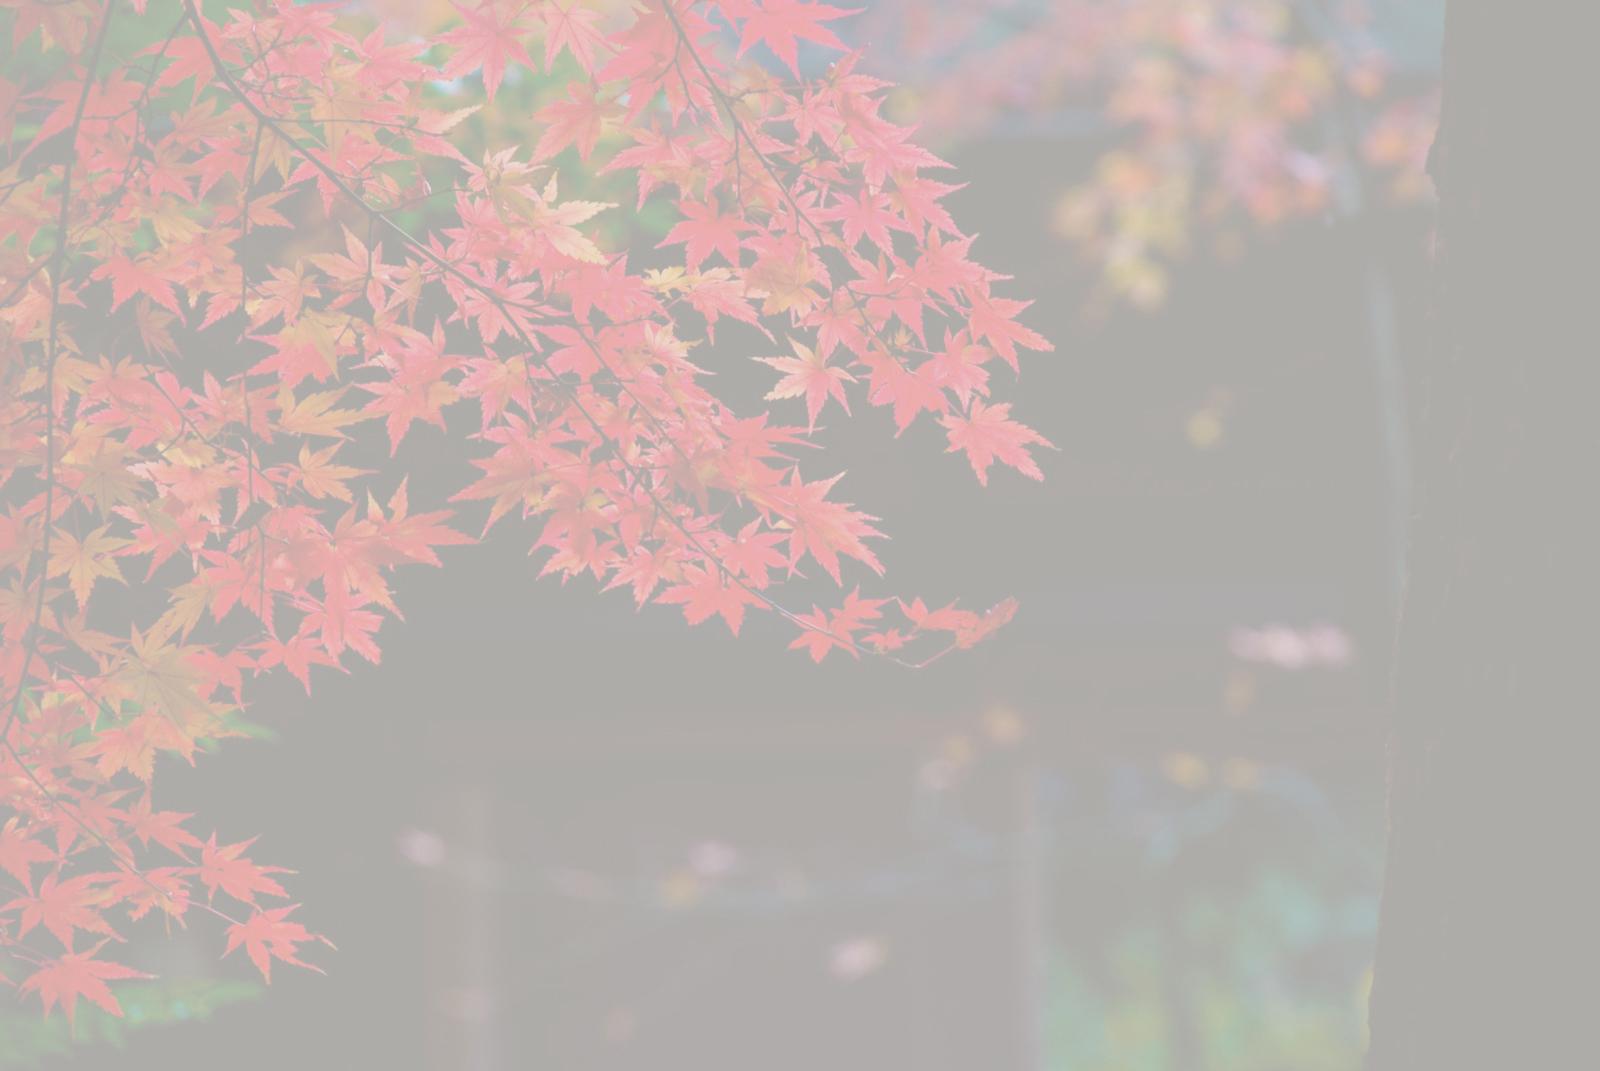 御栗菓子【松月堂】 | プライバシーポリシー